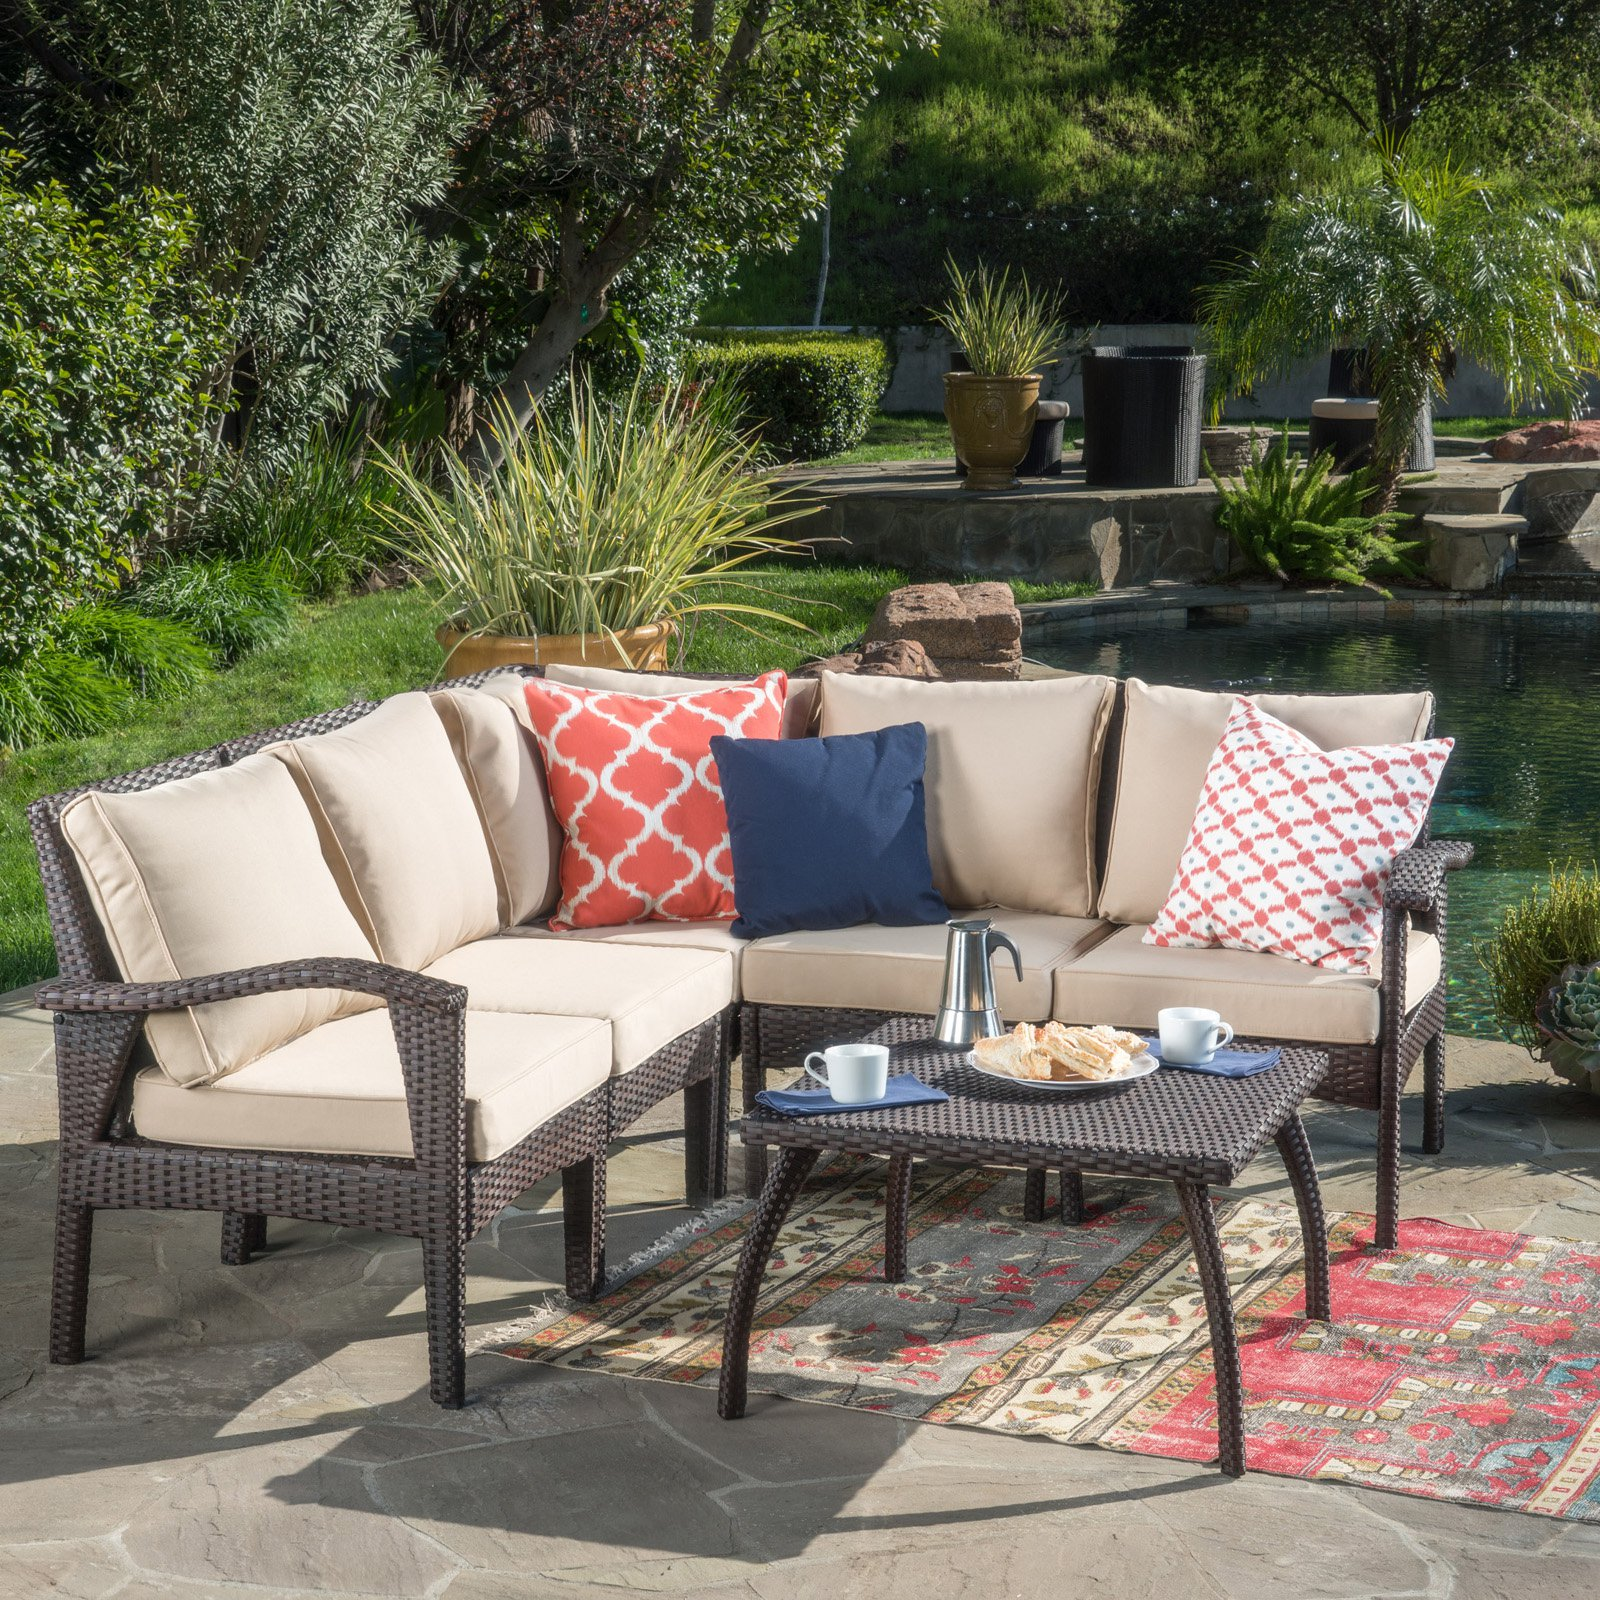 Piece V Shaped Patio Sectional Sofa Set